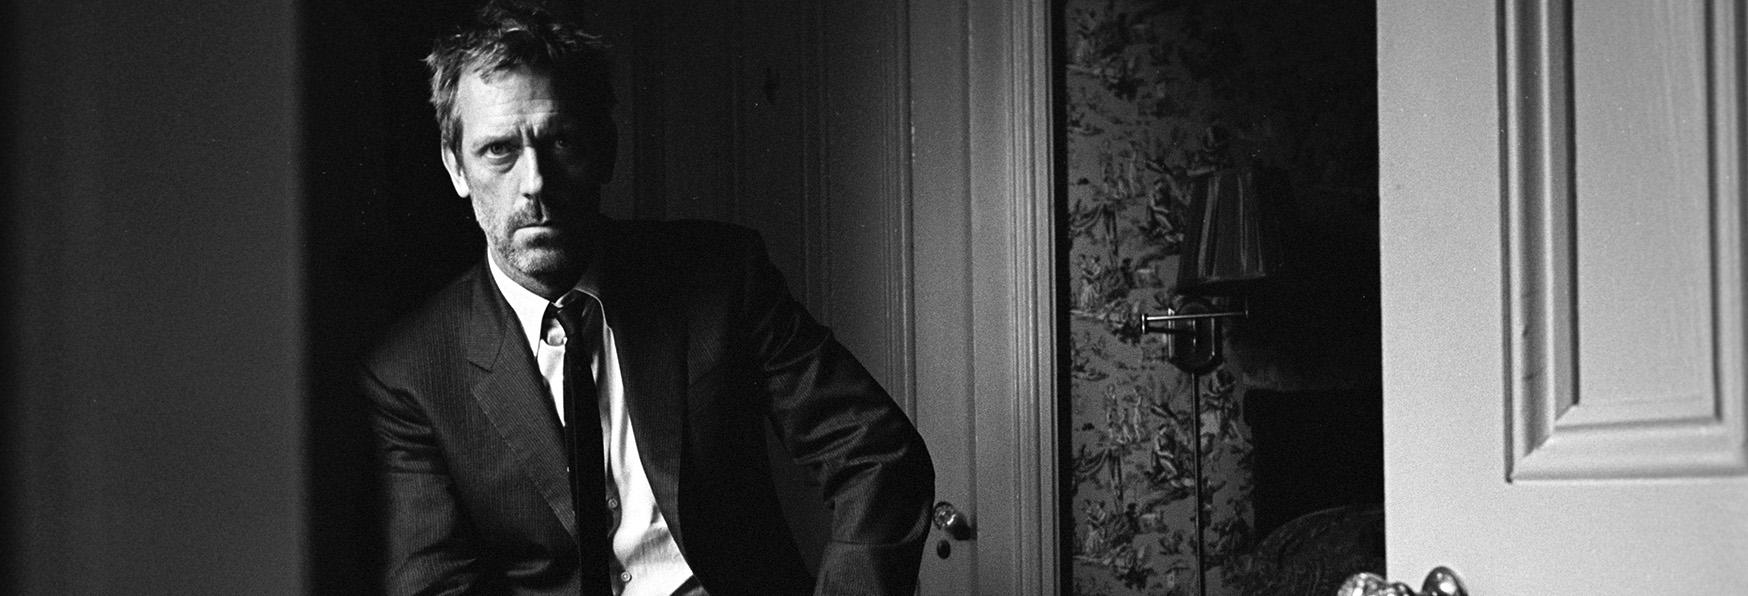 Hugh Laurie sarà il Protagonista di una nuova serie HBO